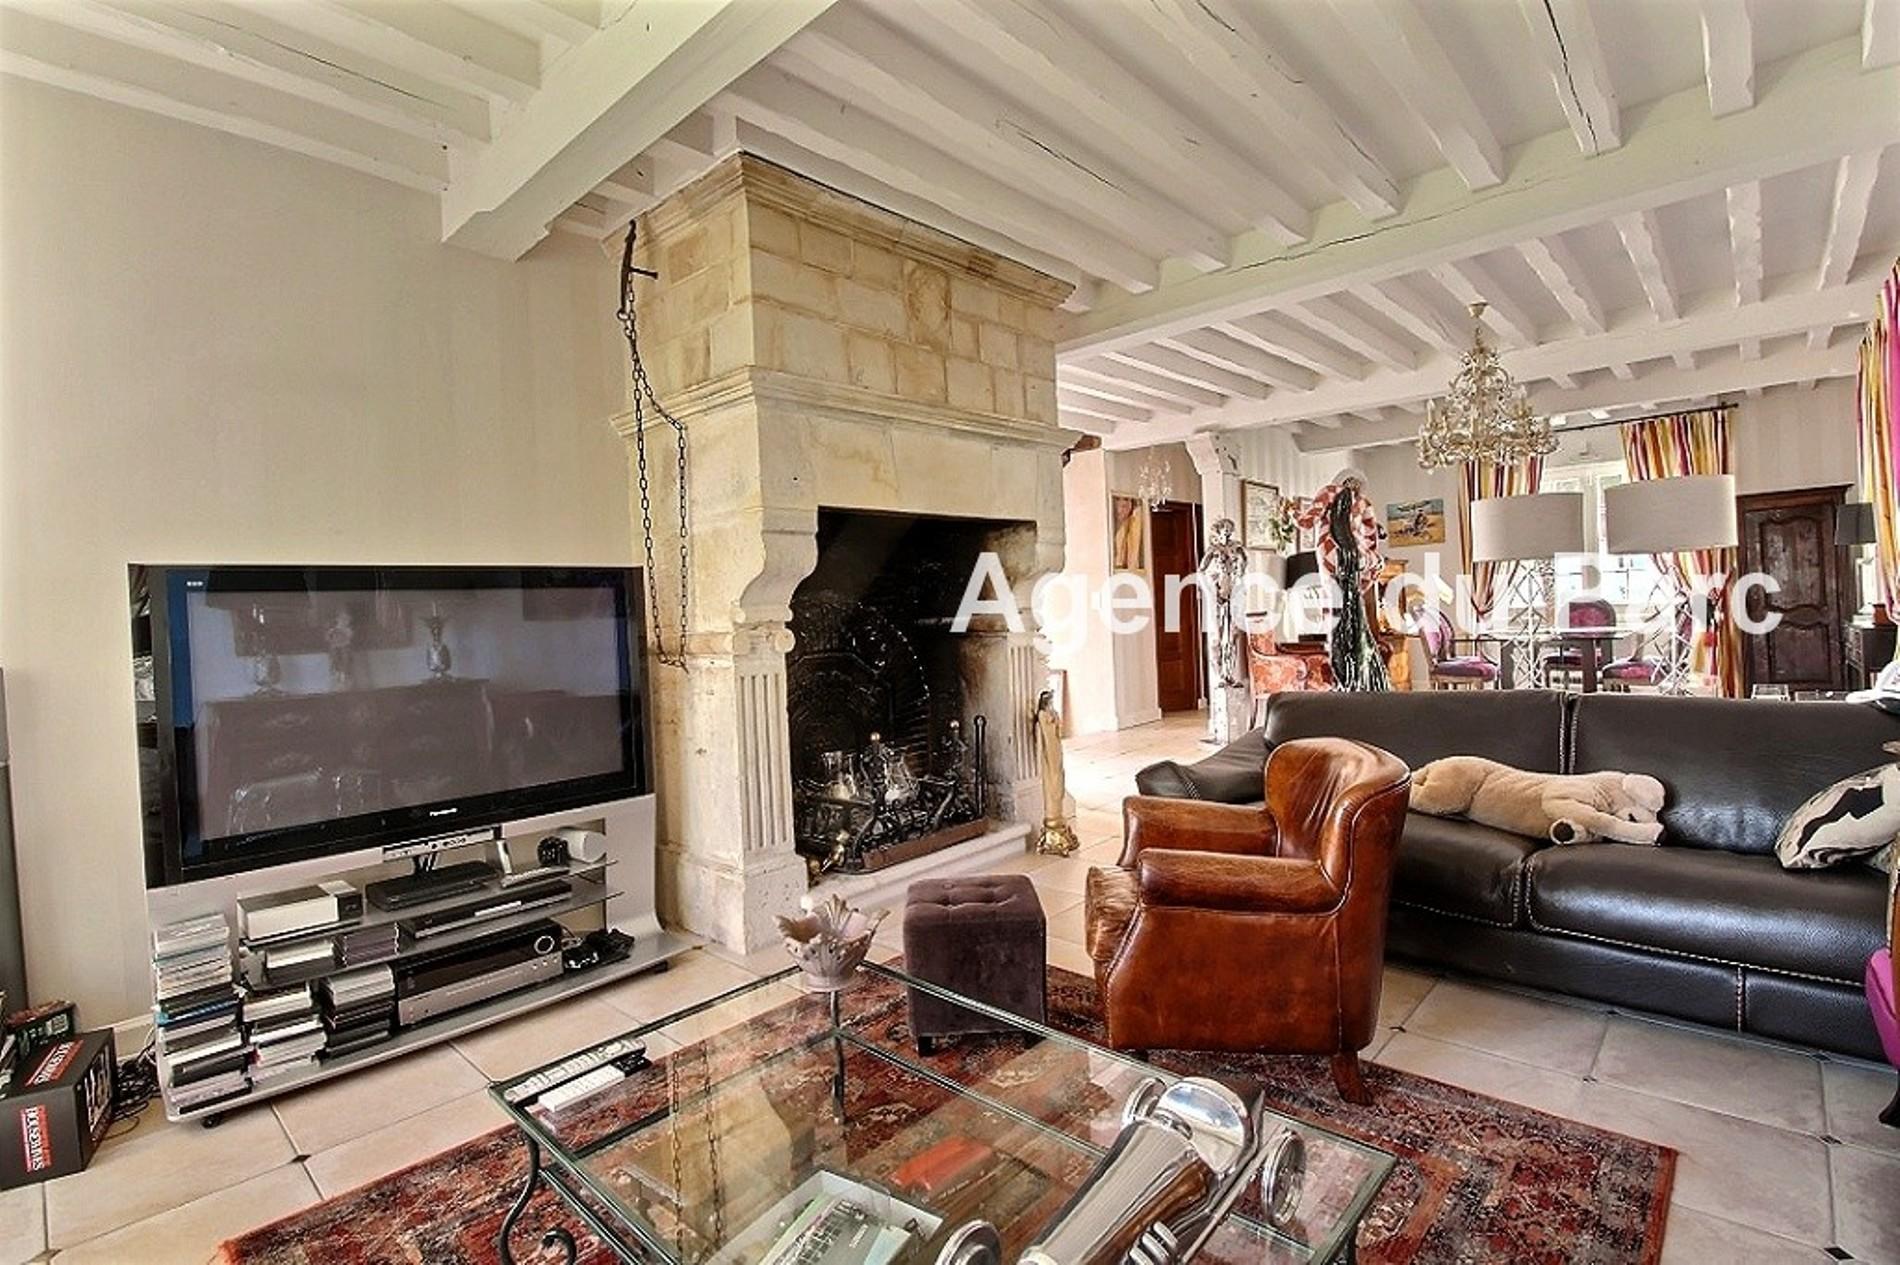 Maison de charme paris stunning leschambres paris for Acheter une maison en toscane